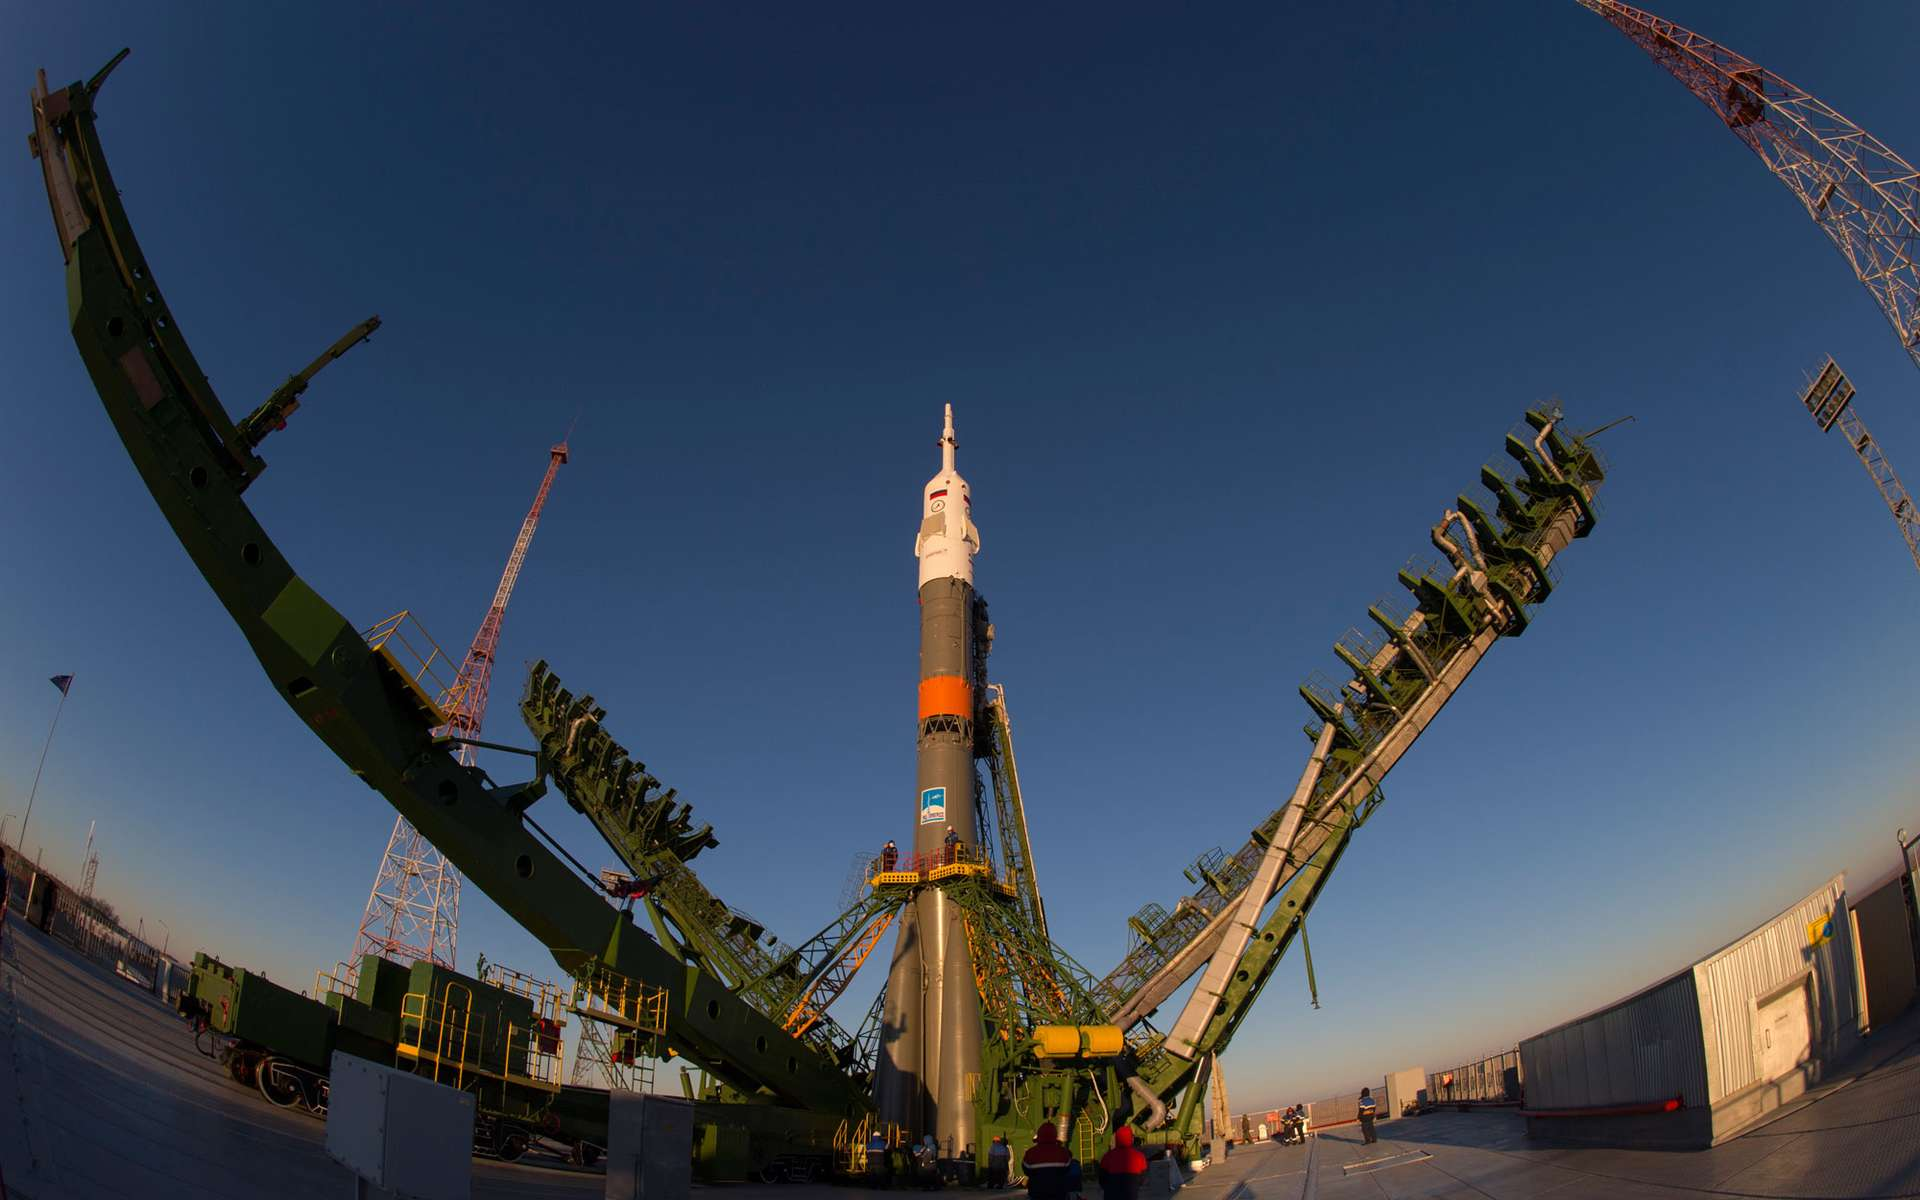 Le lanceur Soyouz et la capsule TMA-15M sur son pas de tir du cosmodrome de Baïkonour. Son lancement est prévu ce dimanche 23 novembre 2014. © Esa, S. Corvaja